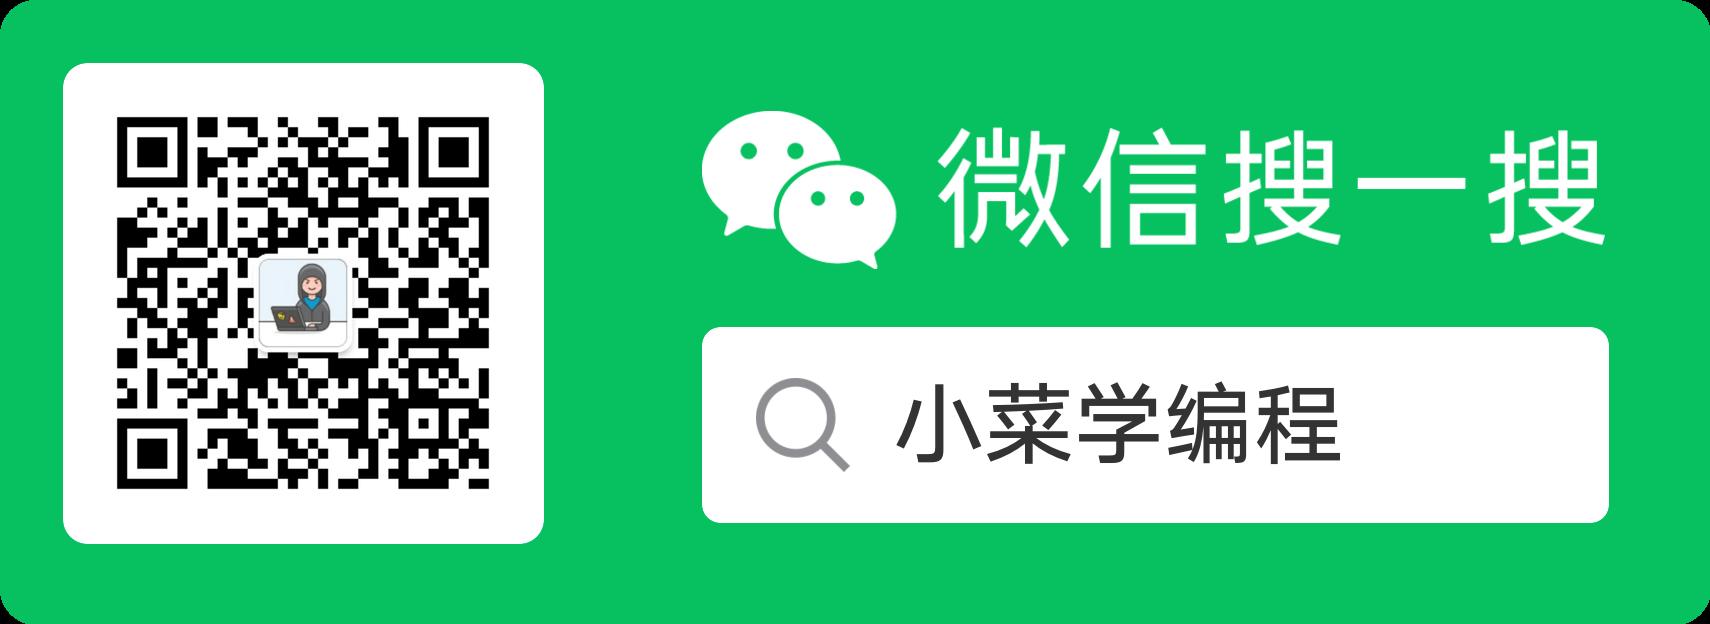 微信搜索:小菜学编程